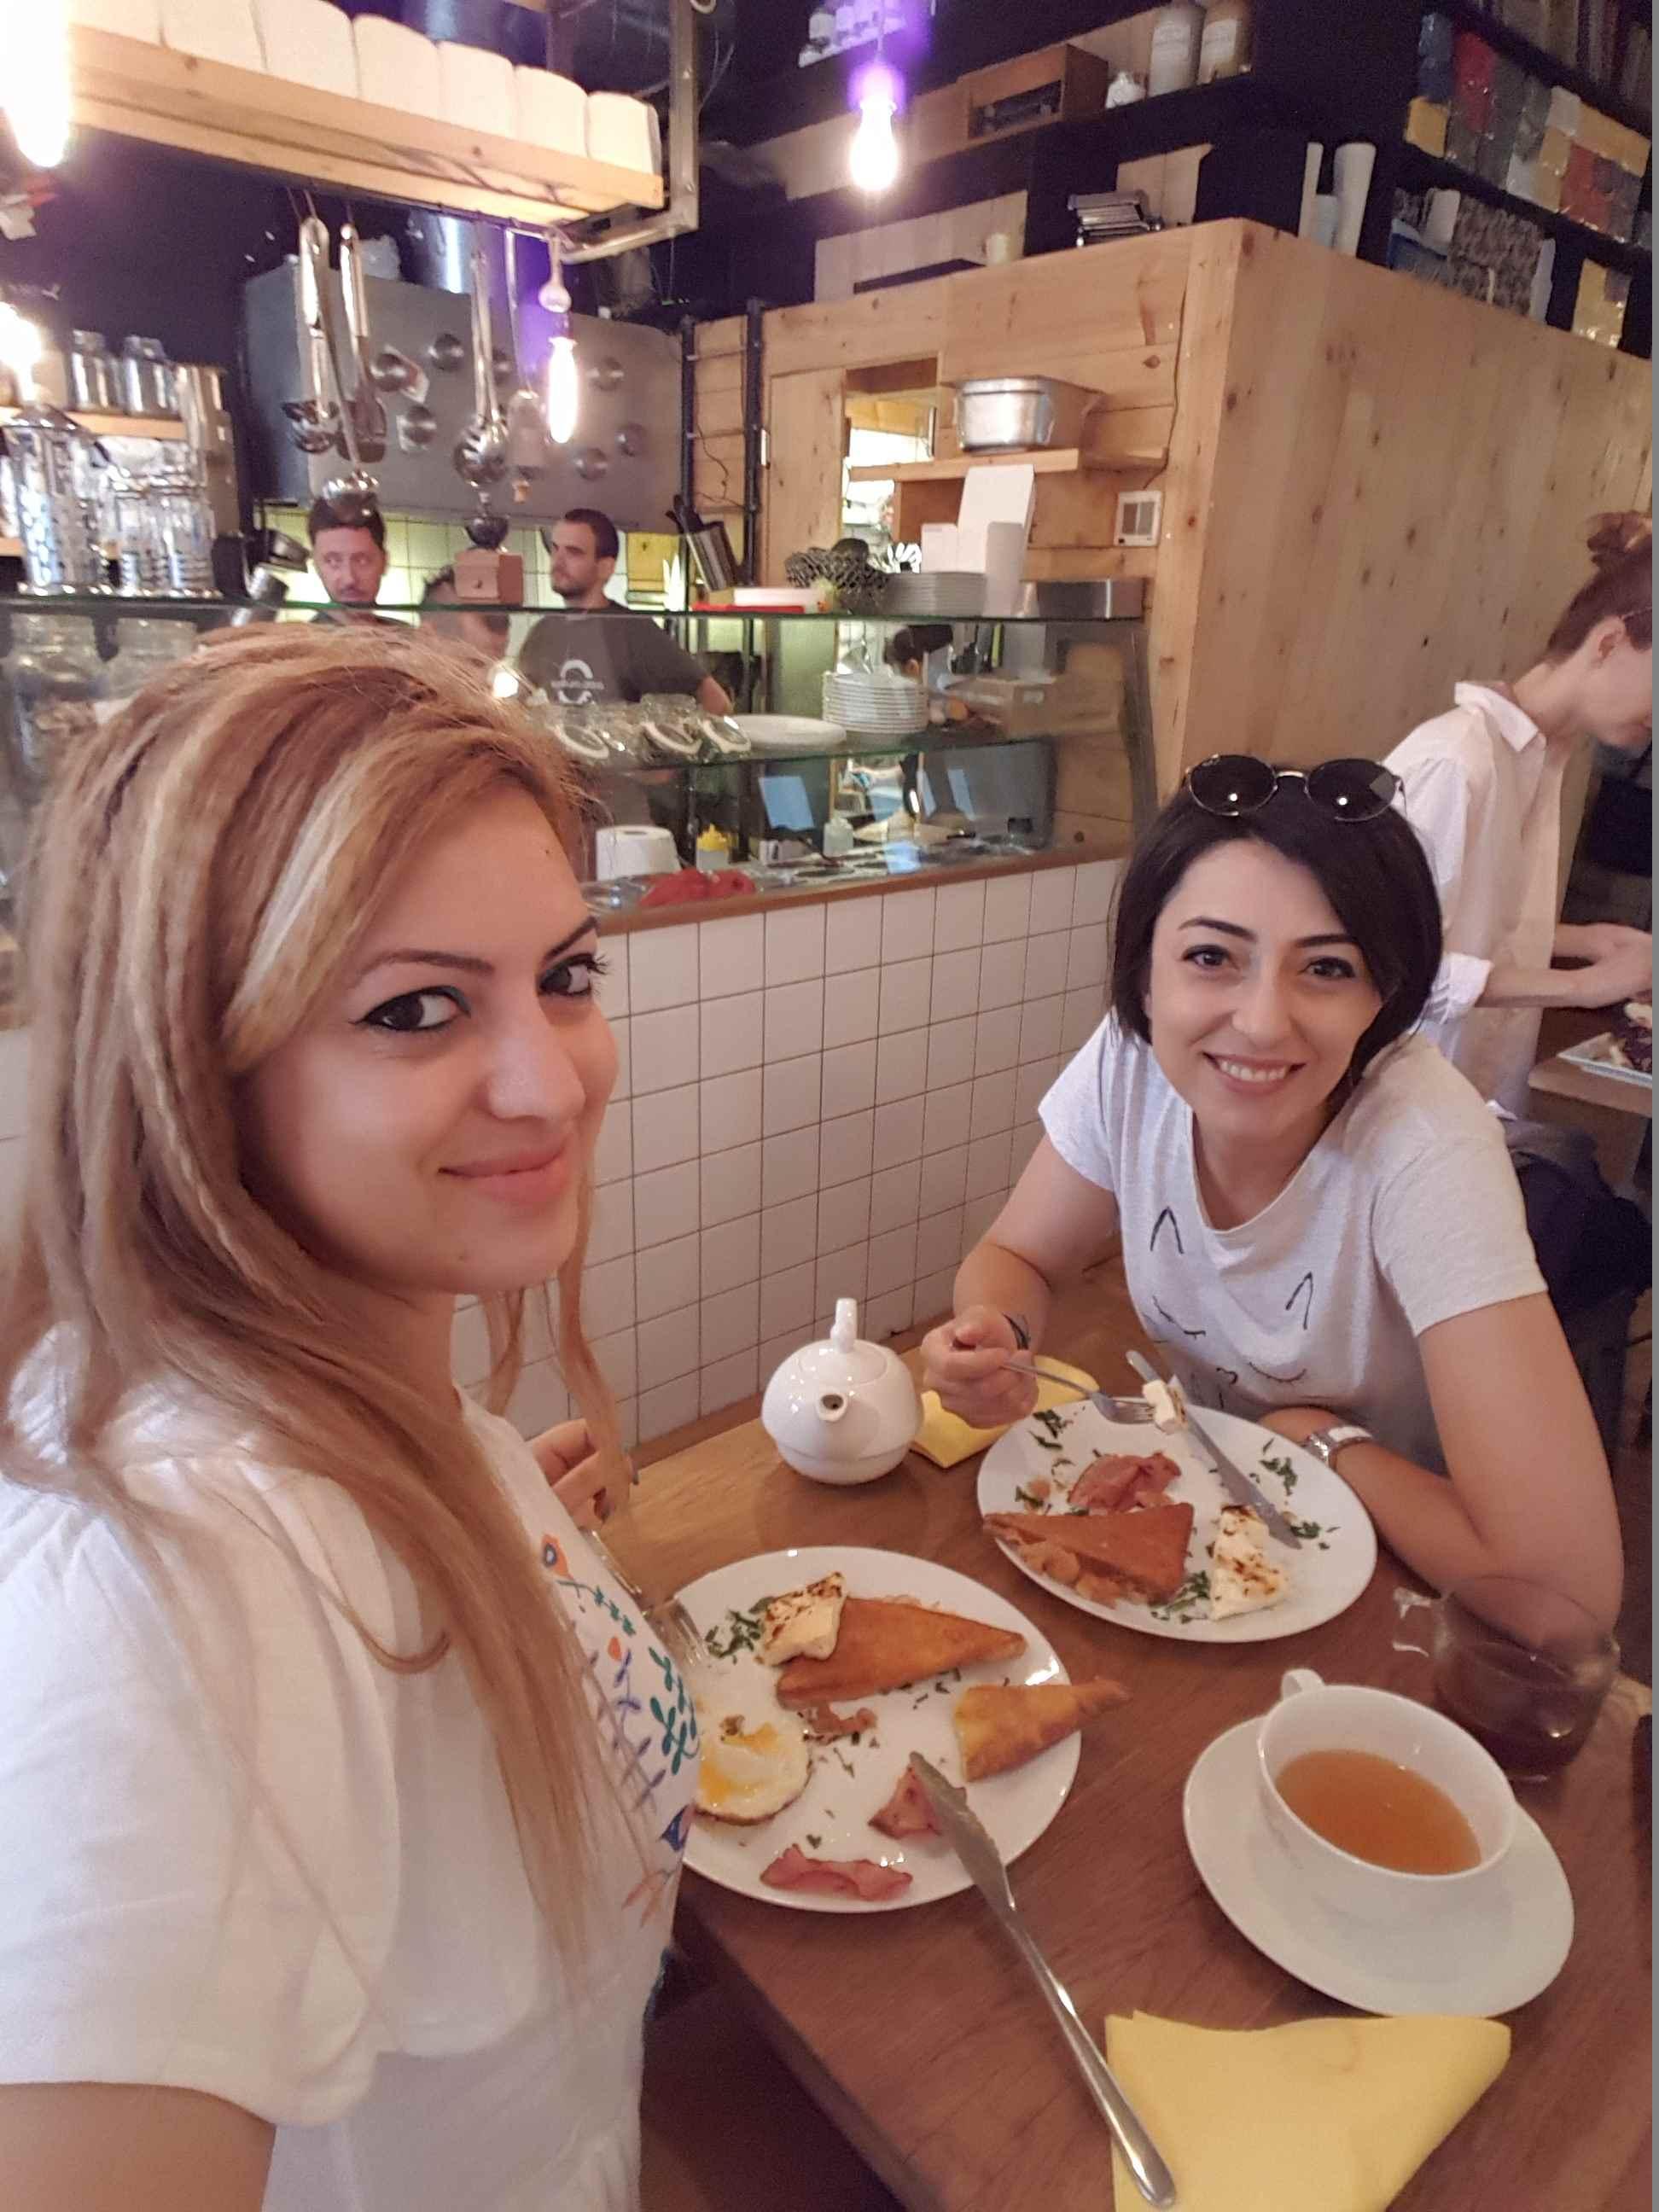 yesempatik-sofya-yeme-icme-mekan-bulgaristan-fabrika-daga-kahvalti